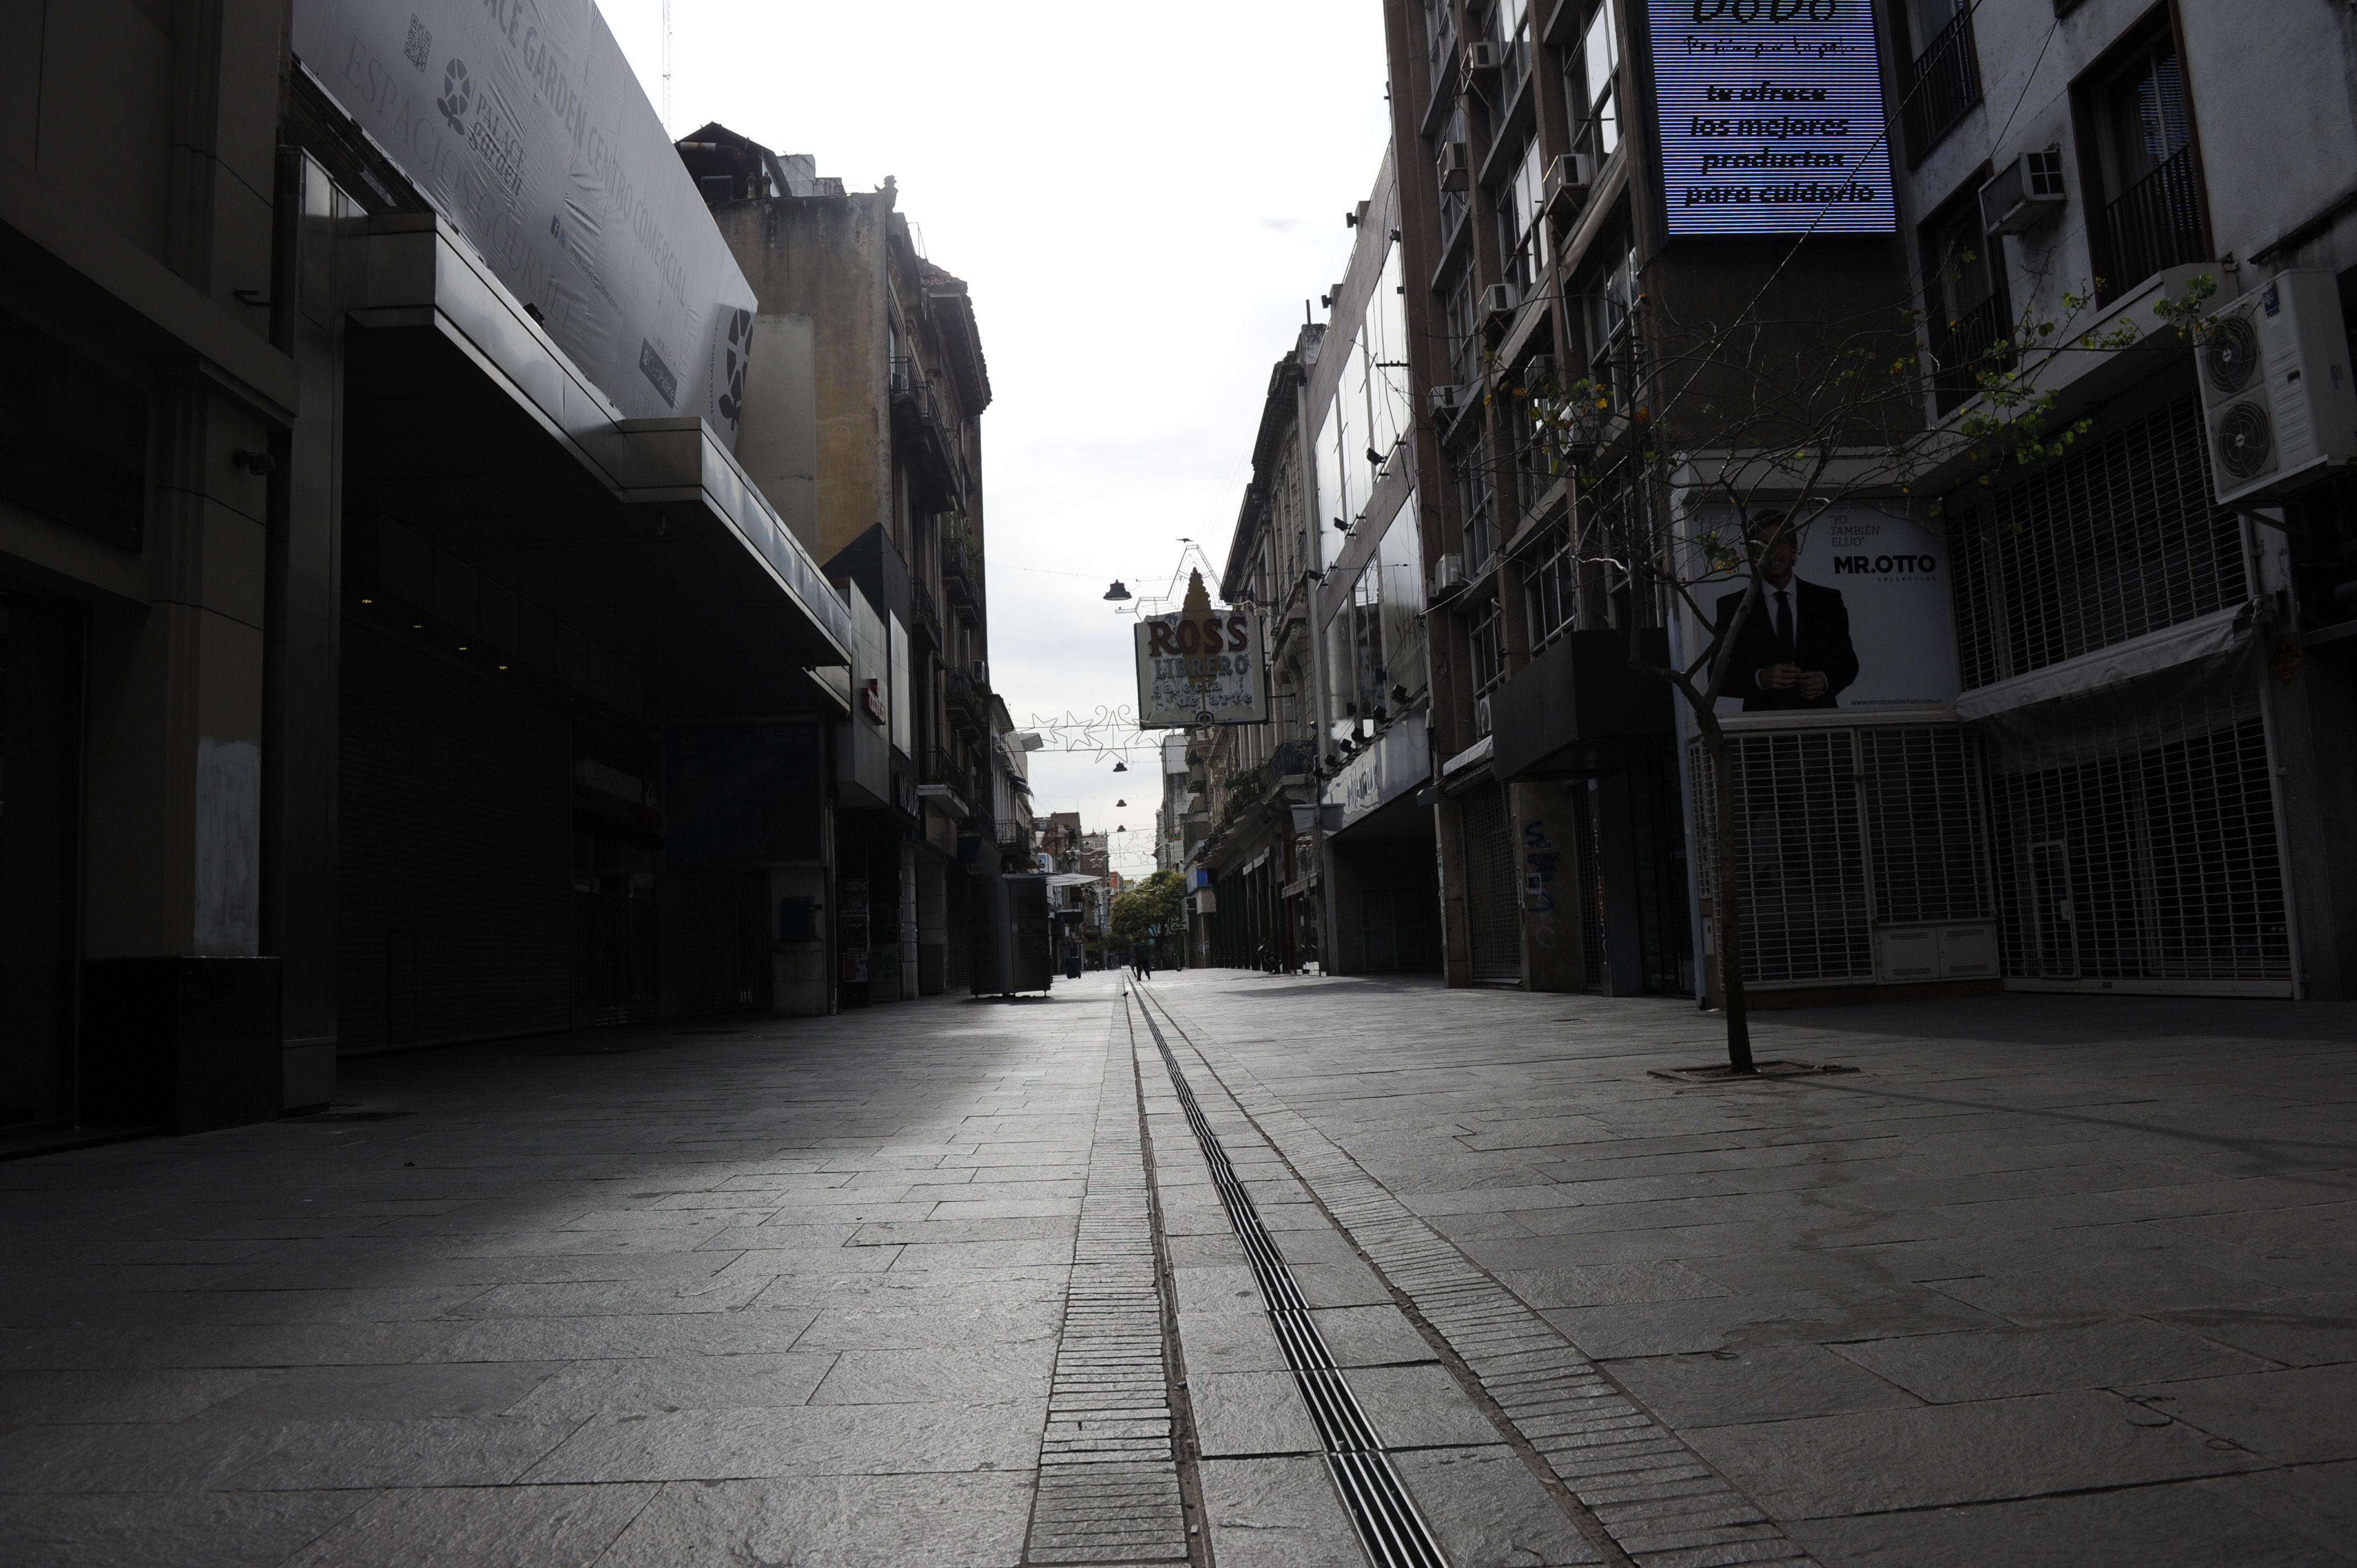 La Municipalidad y la provincia se sumaron al asueto propuesto por el gobierno nacional. (Foto: C.M.Lovera)